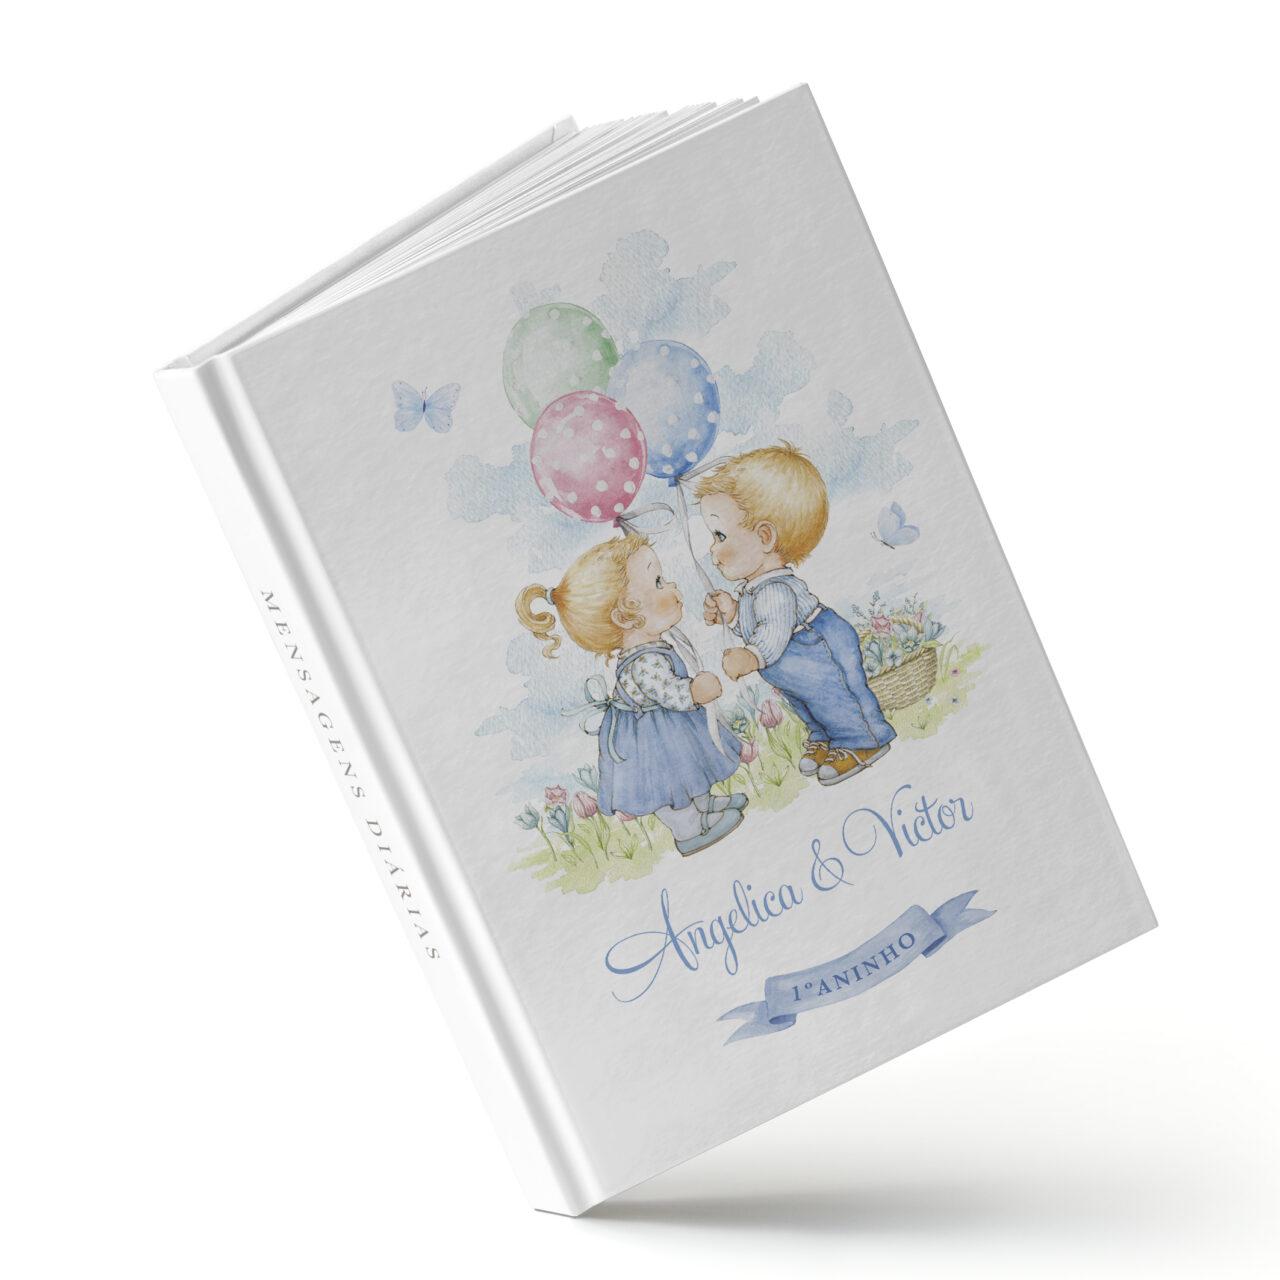 Livro de orações - Little Party - Sweetcards